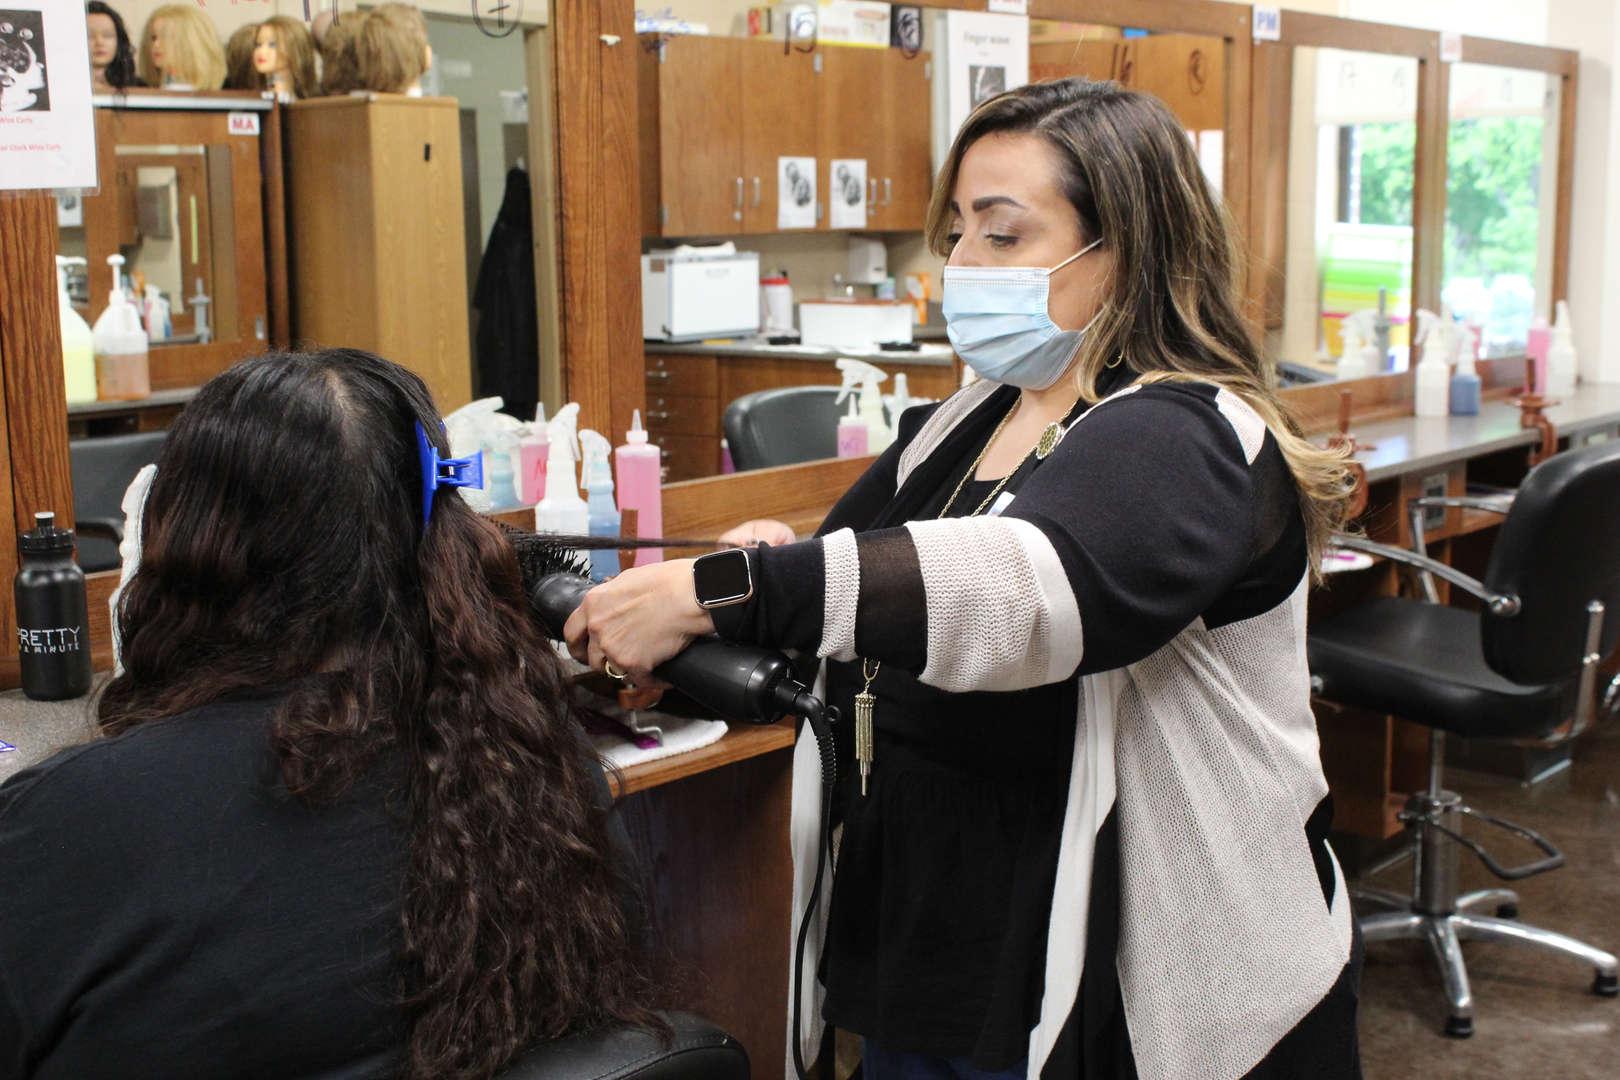 Teacher uses a flatiron tool on a students hair